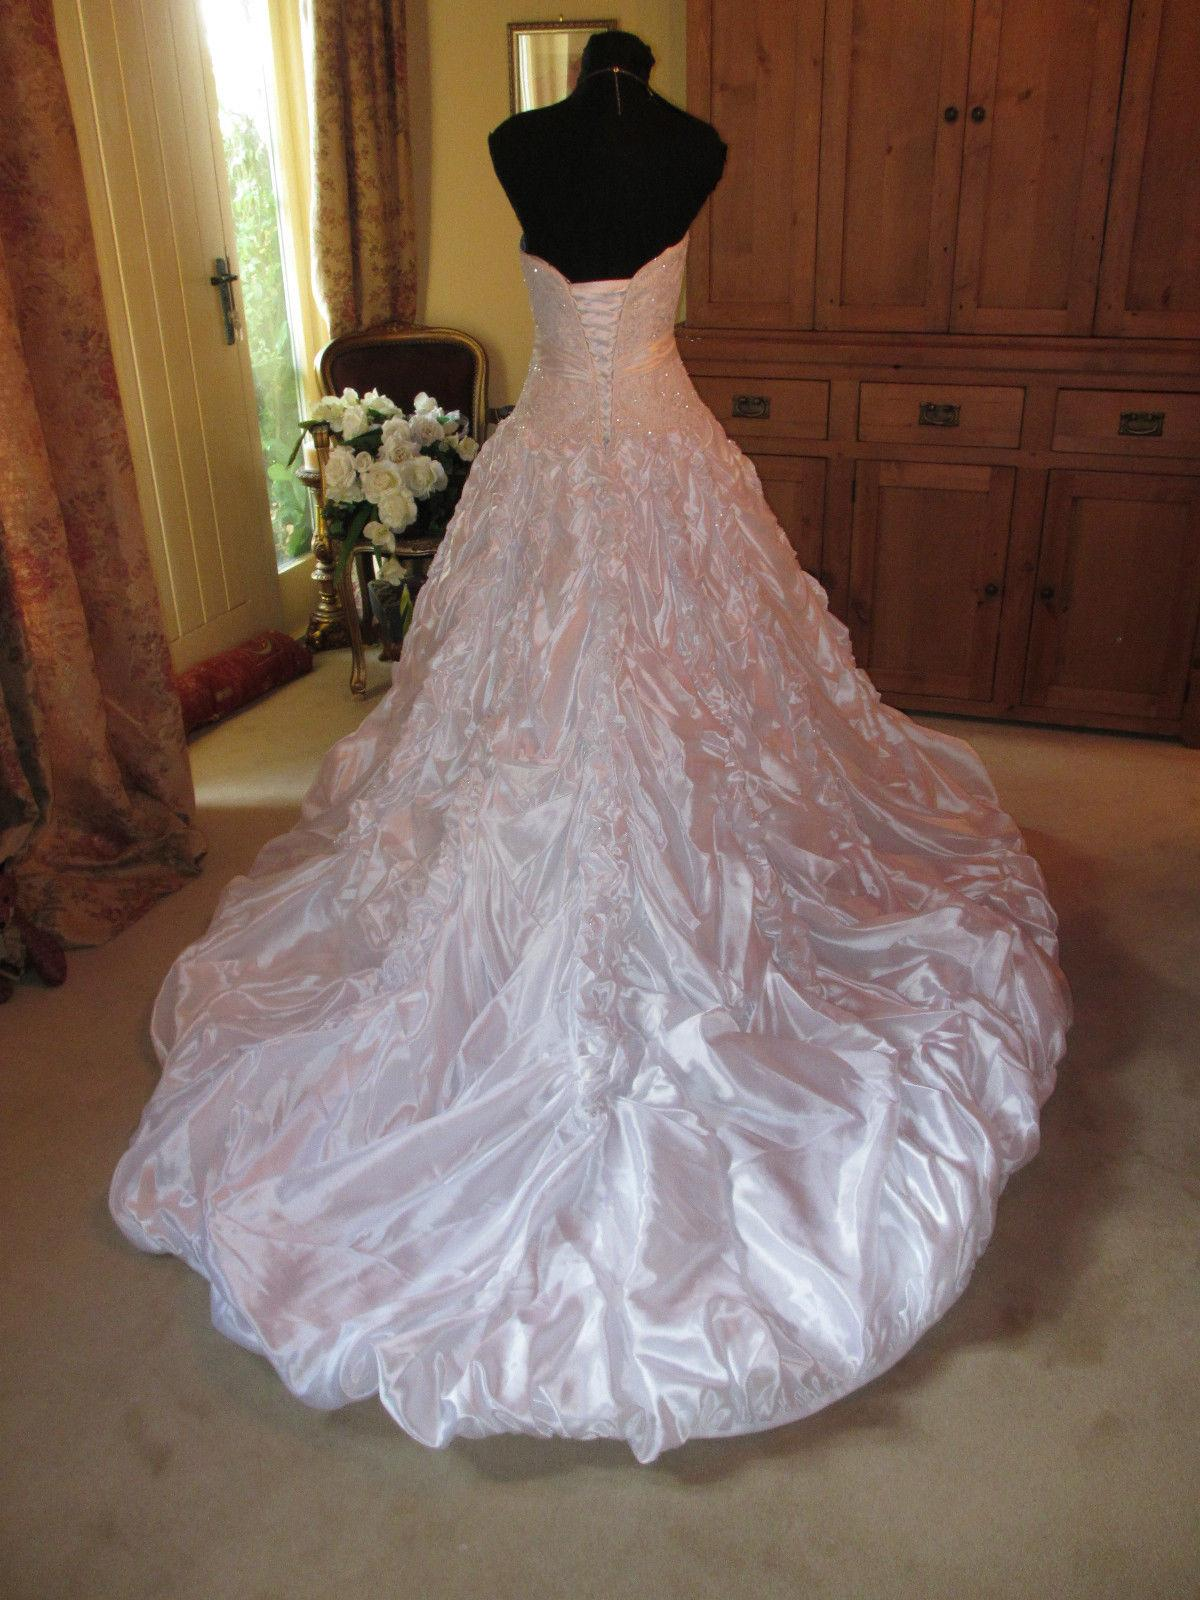 Svadobné šaty Maggie Sottro orginál - Obrázok č. 2